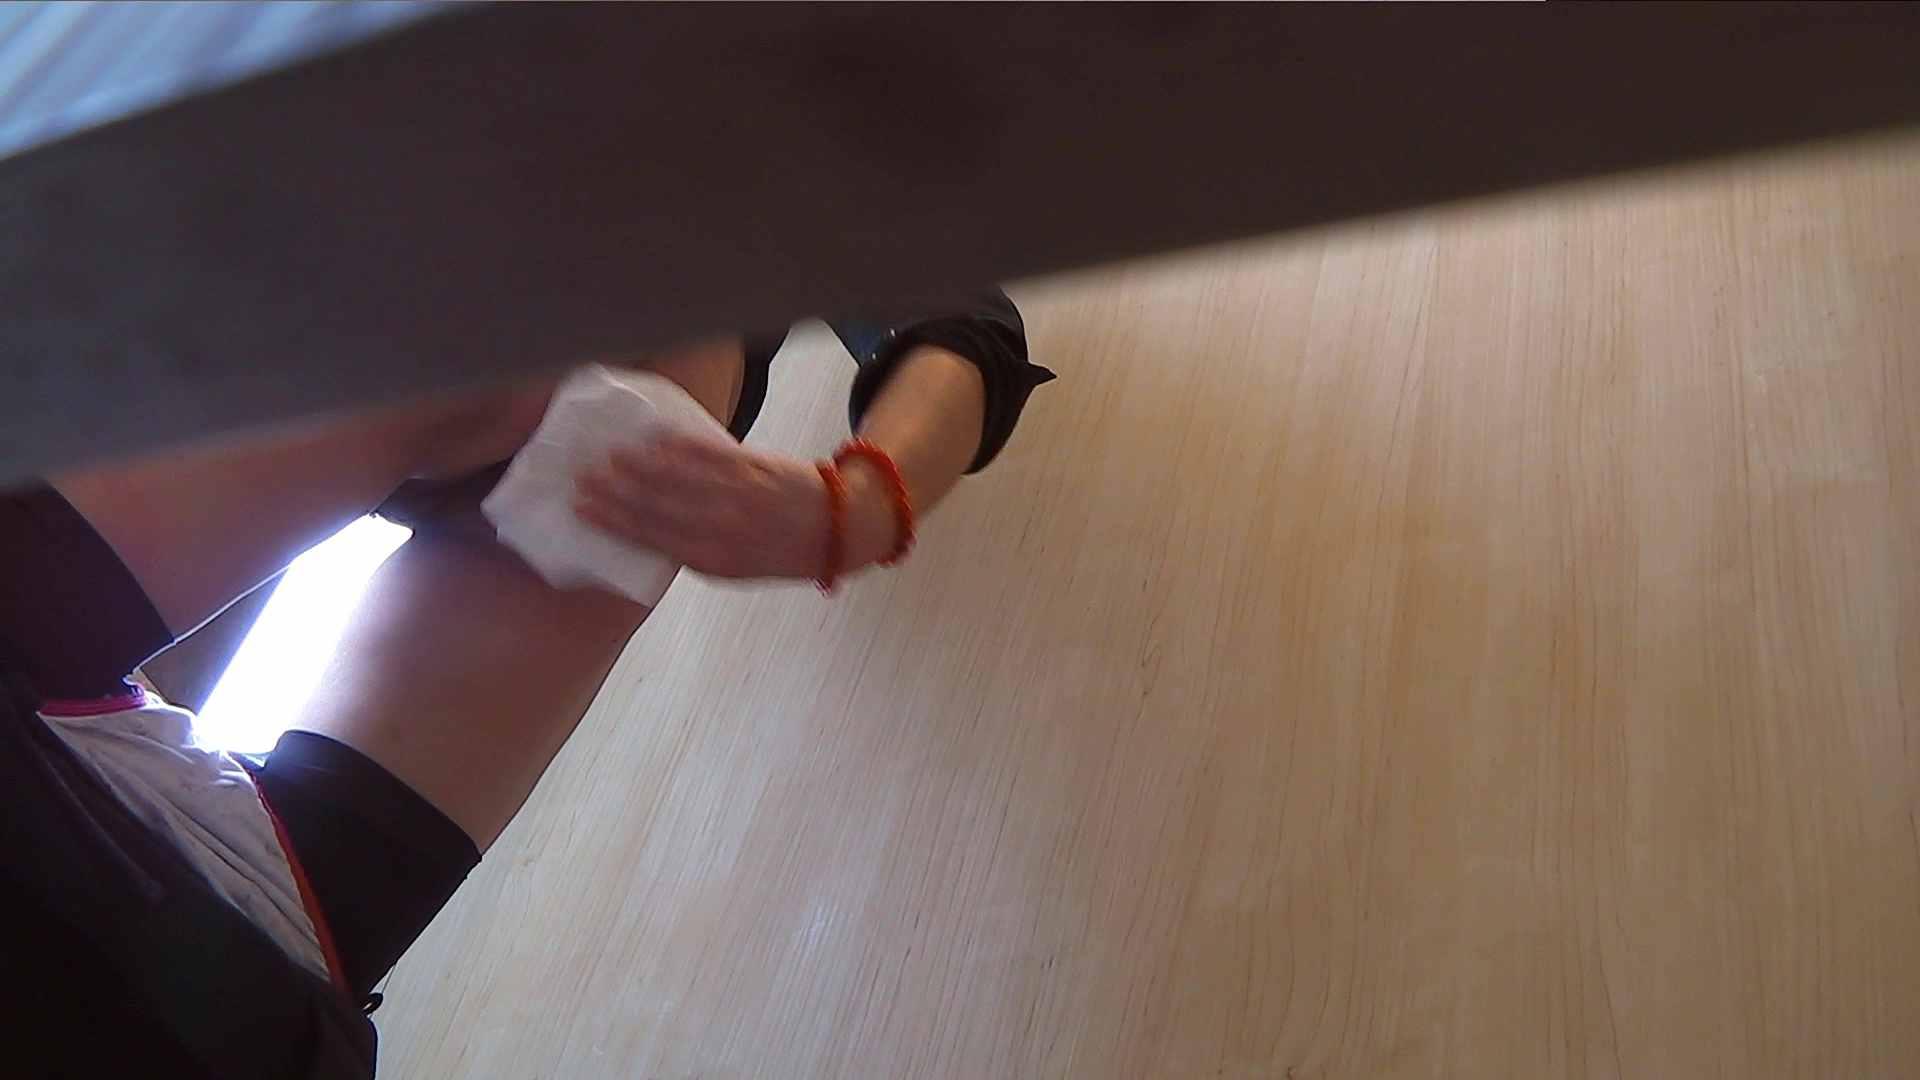 阿国ちゃんの「和式洋式七変化」No.1 洗面所  113pic 14